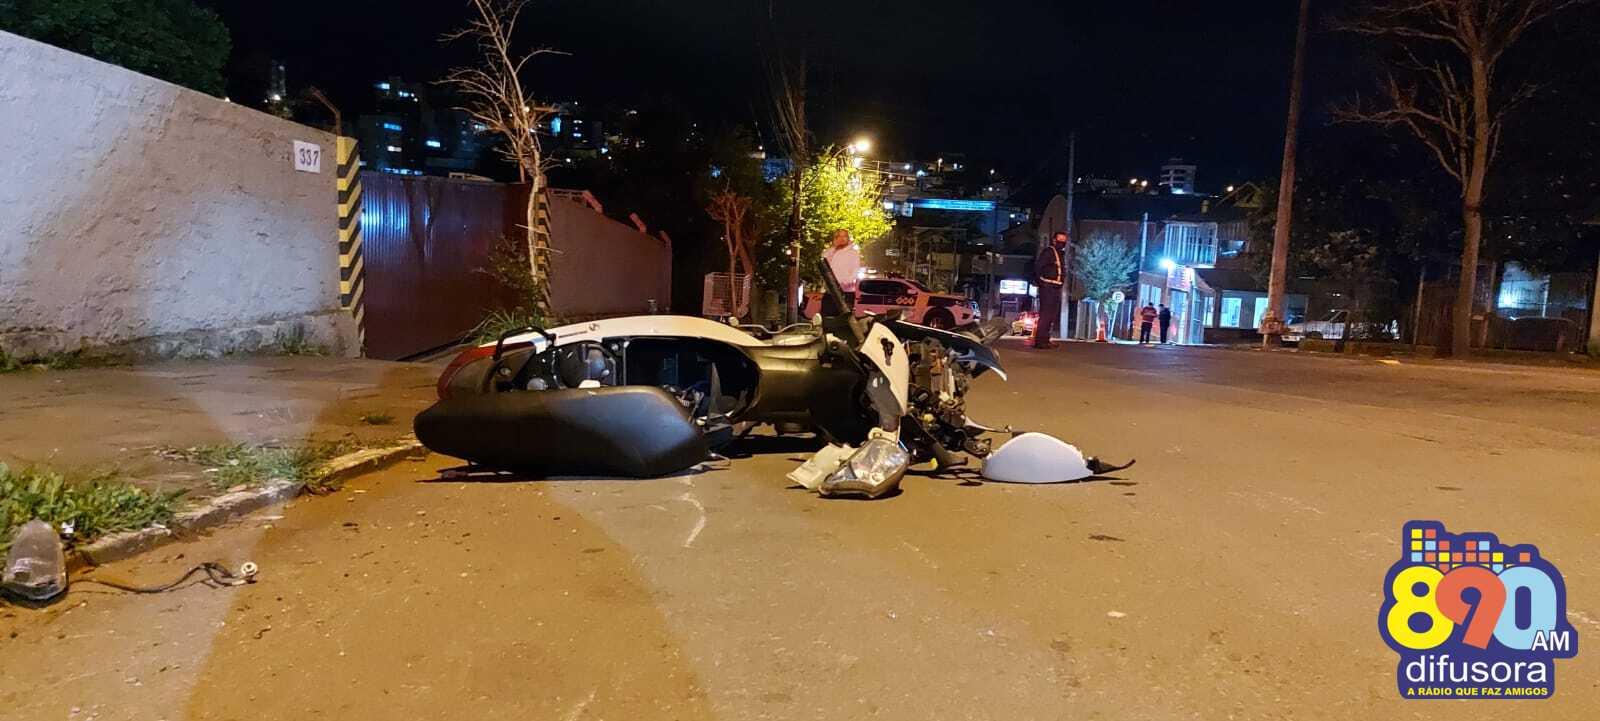 Mulher morre em acidente de trânsito no Licorsul, em Bento